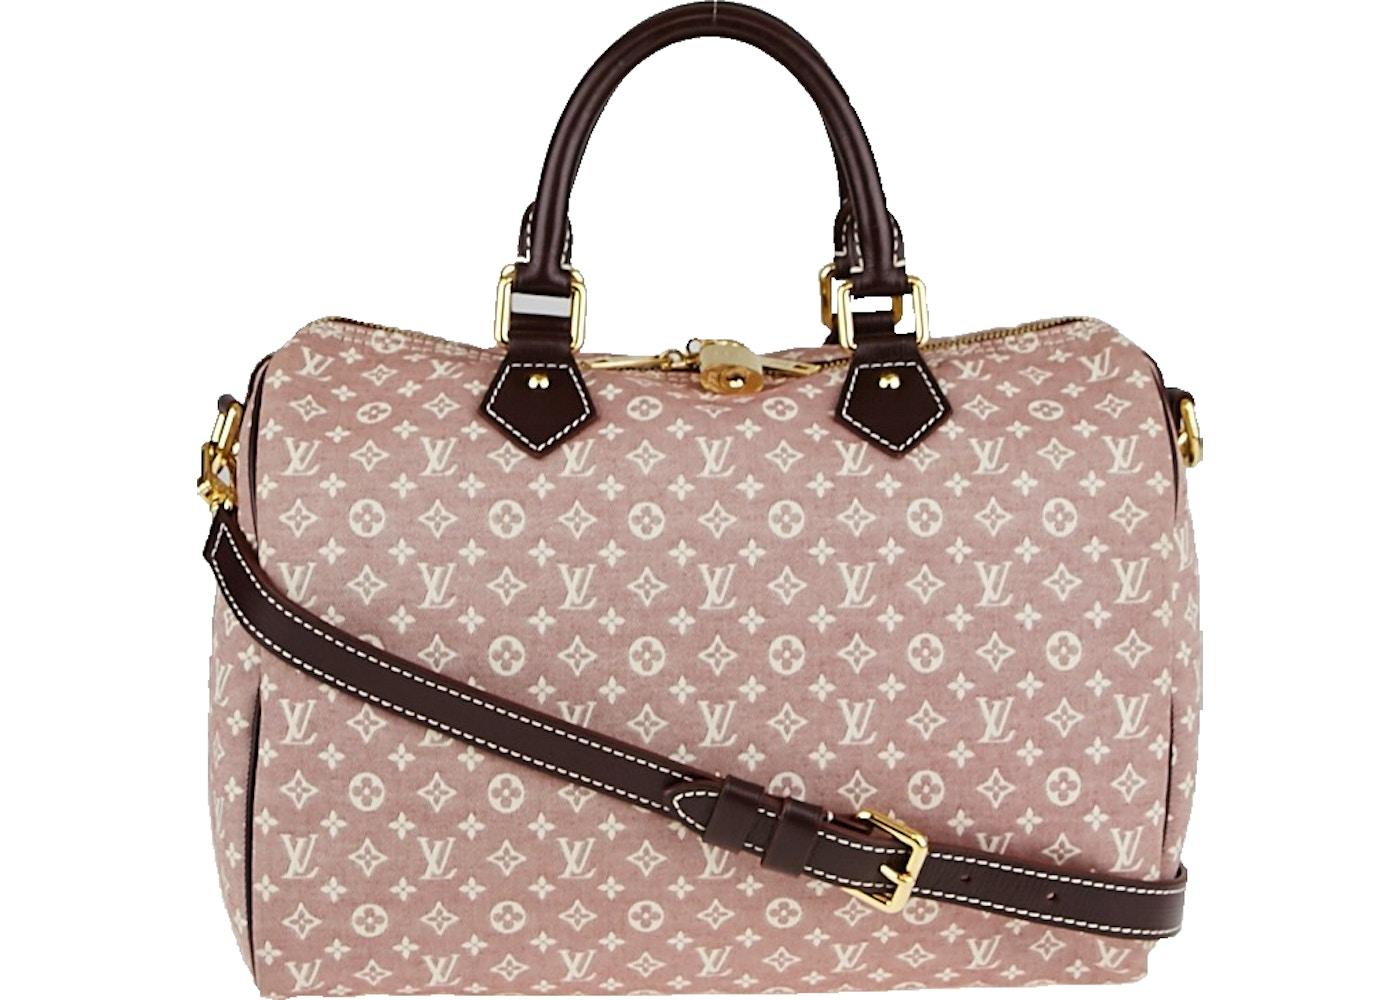 879869c8c3f8 Louis Vuitton Speedy Bandouliere Monogram Idylle 30 Sepia. Monogram Idylle  30 Sepia